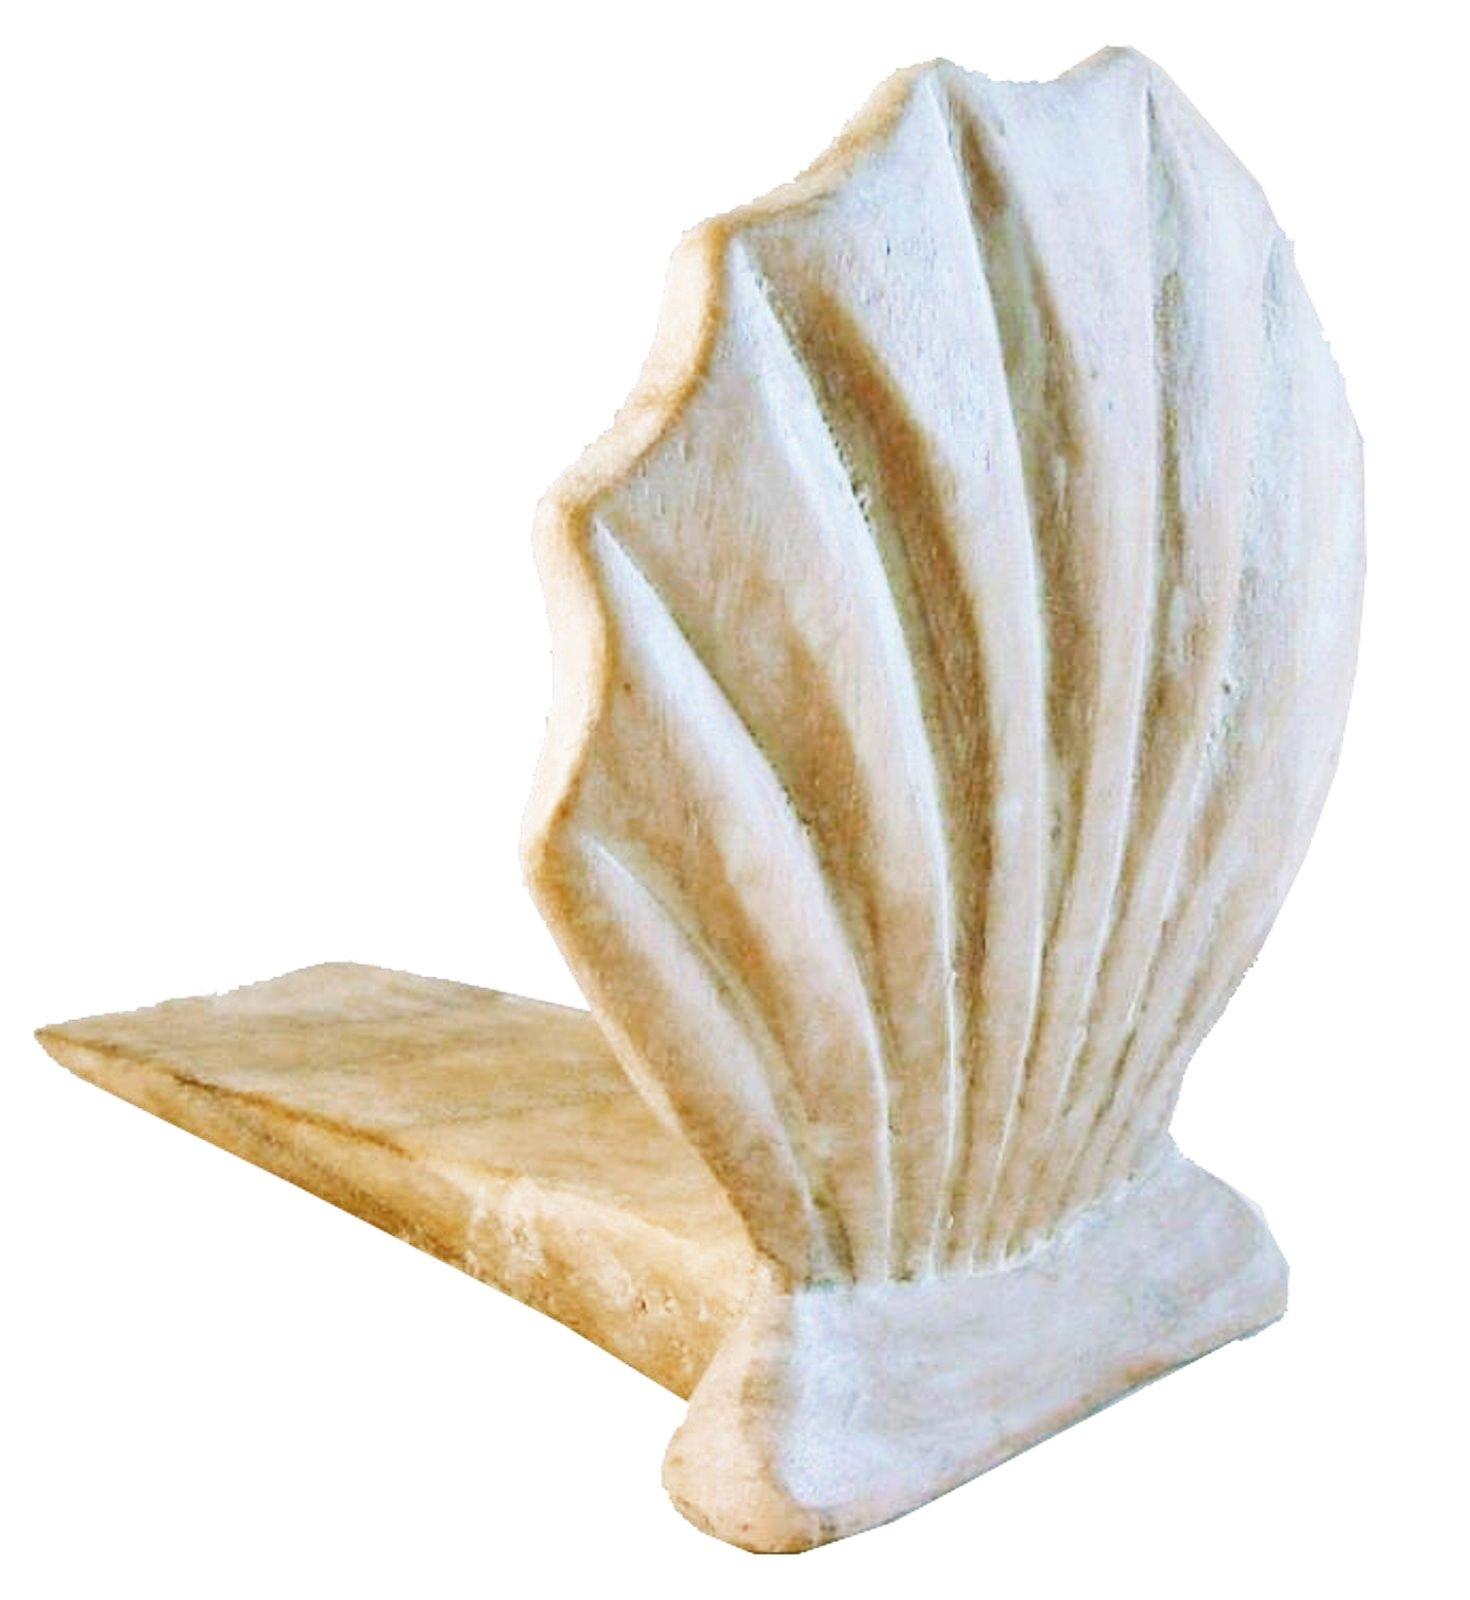 Door Stopper - Wooden Scallop Shell Door Stop - Scallop Shell Doorstop - White Wash - Nautical Decor